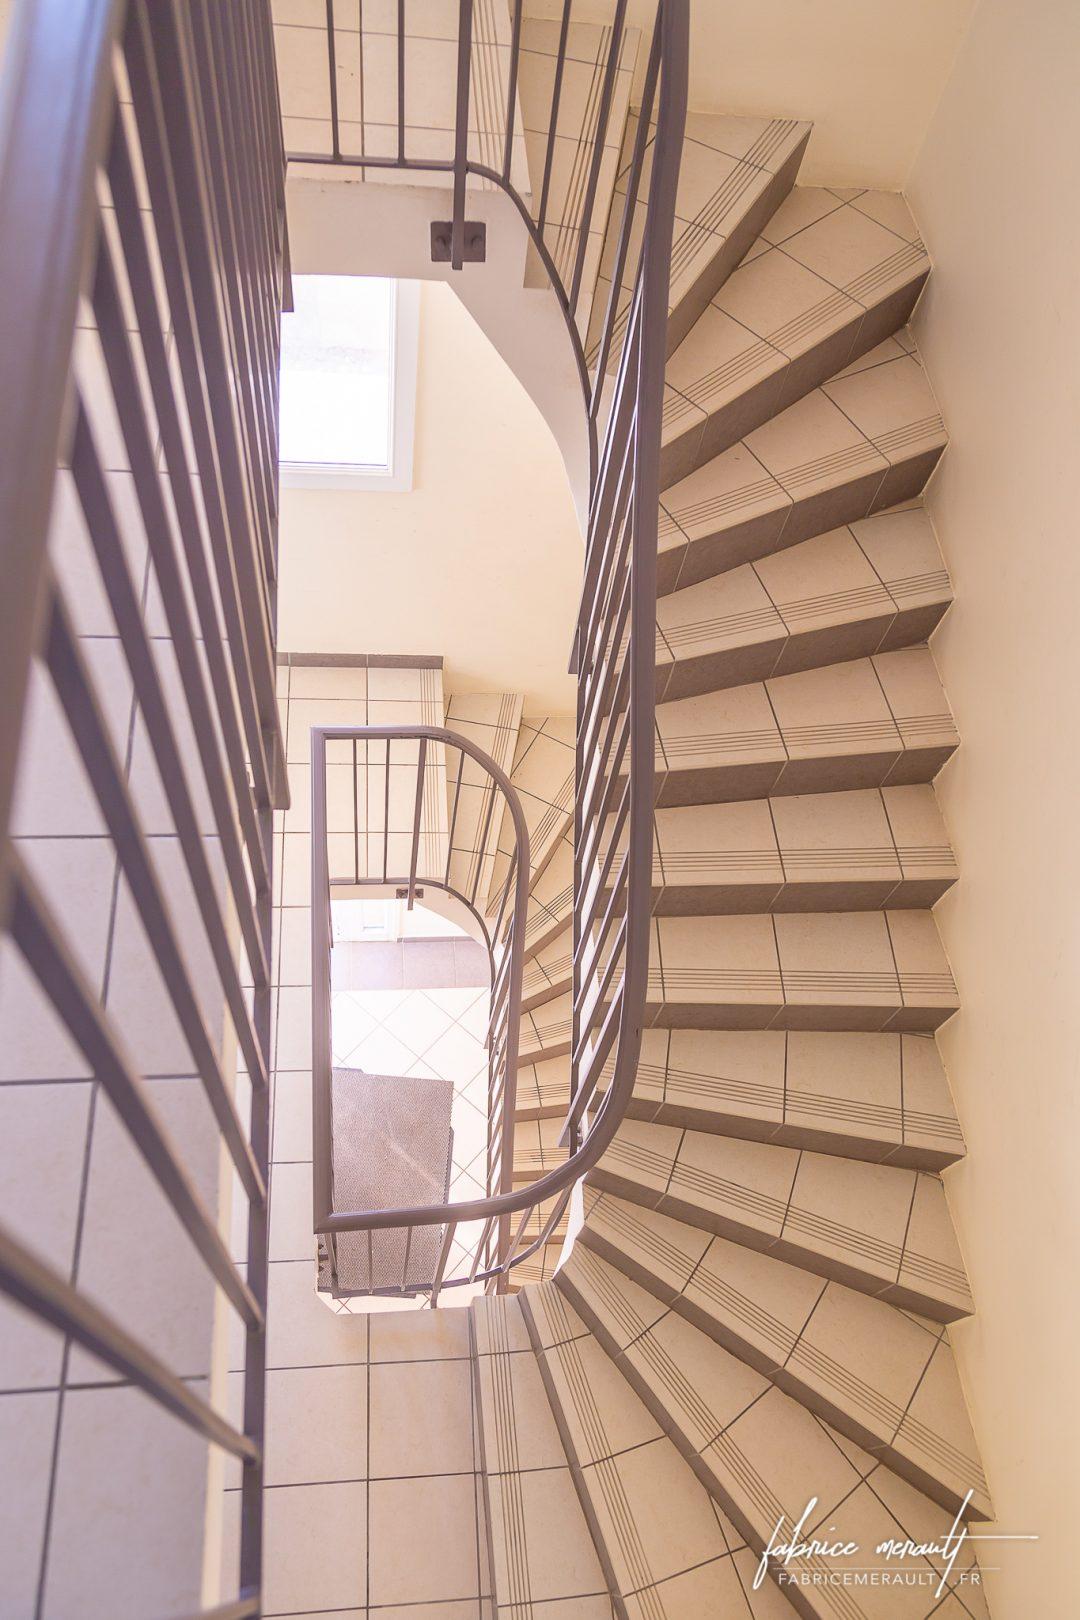 Photographie immobilière - Escalier